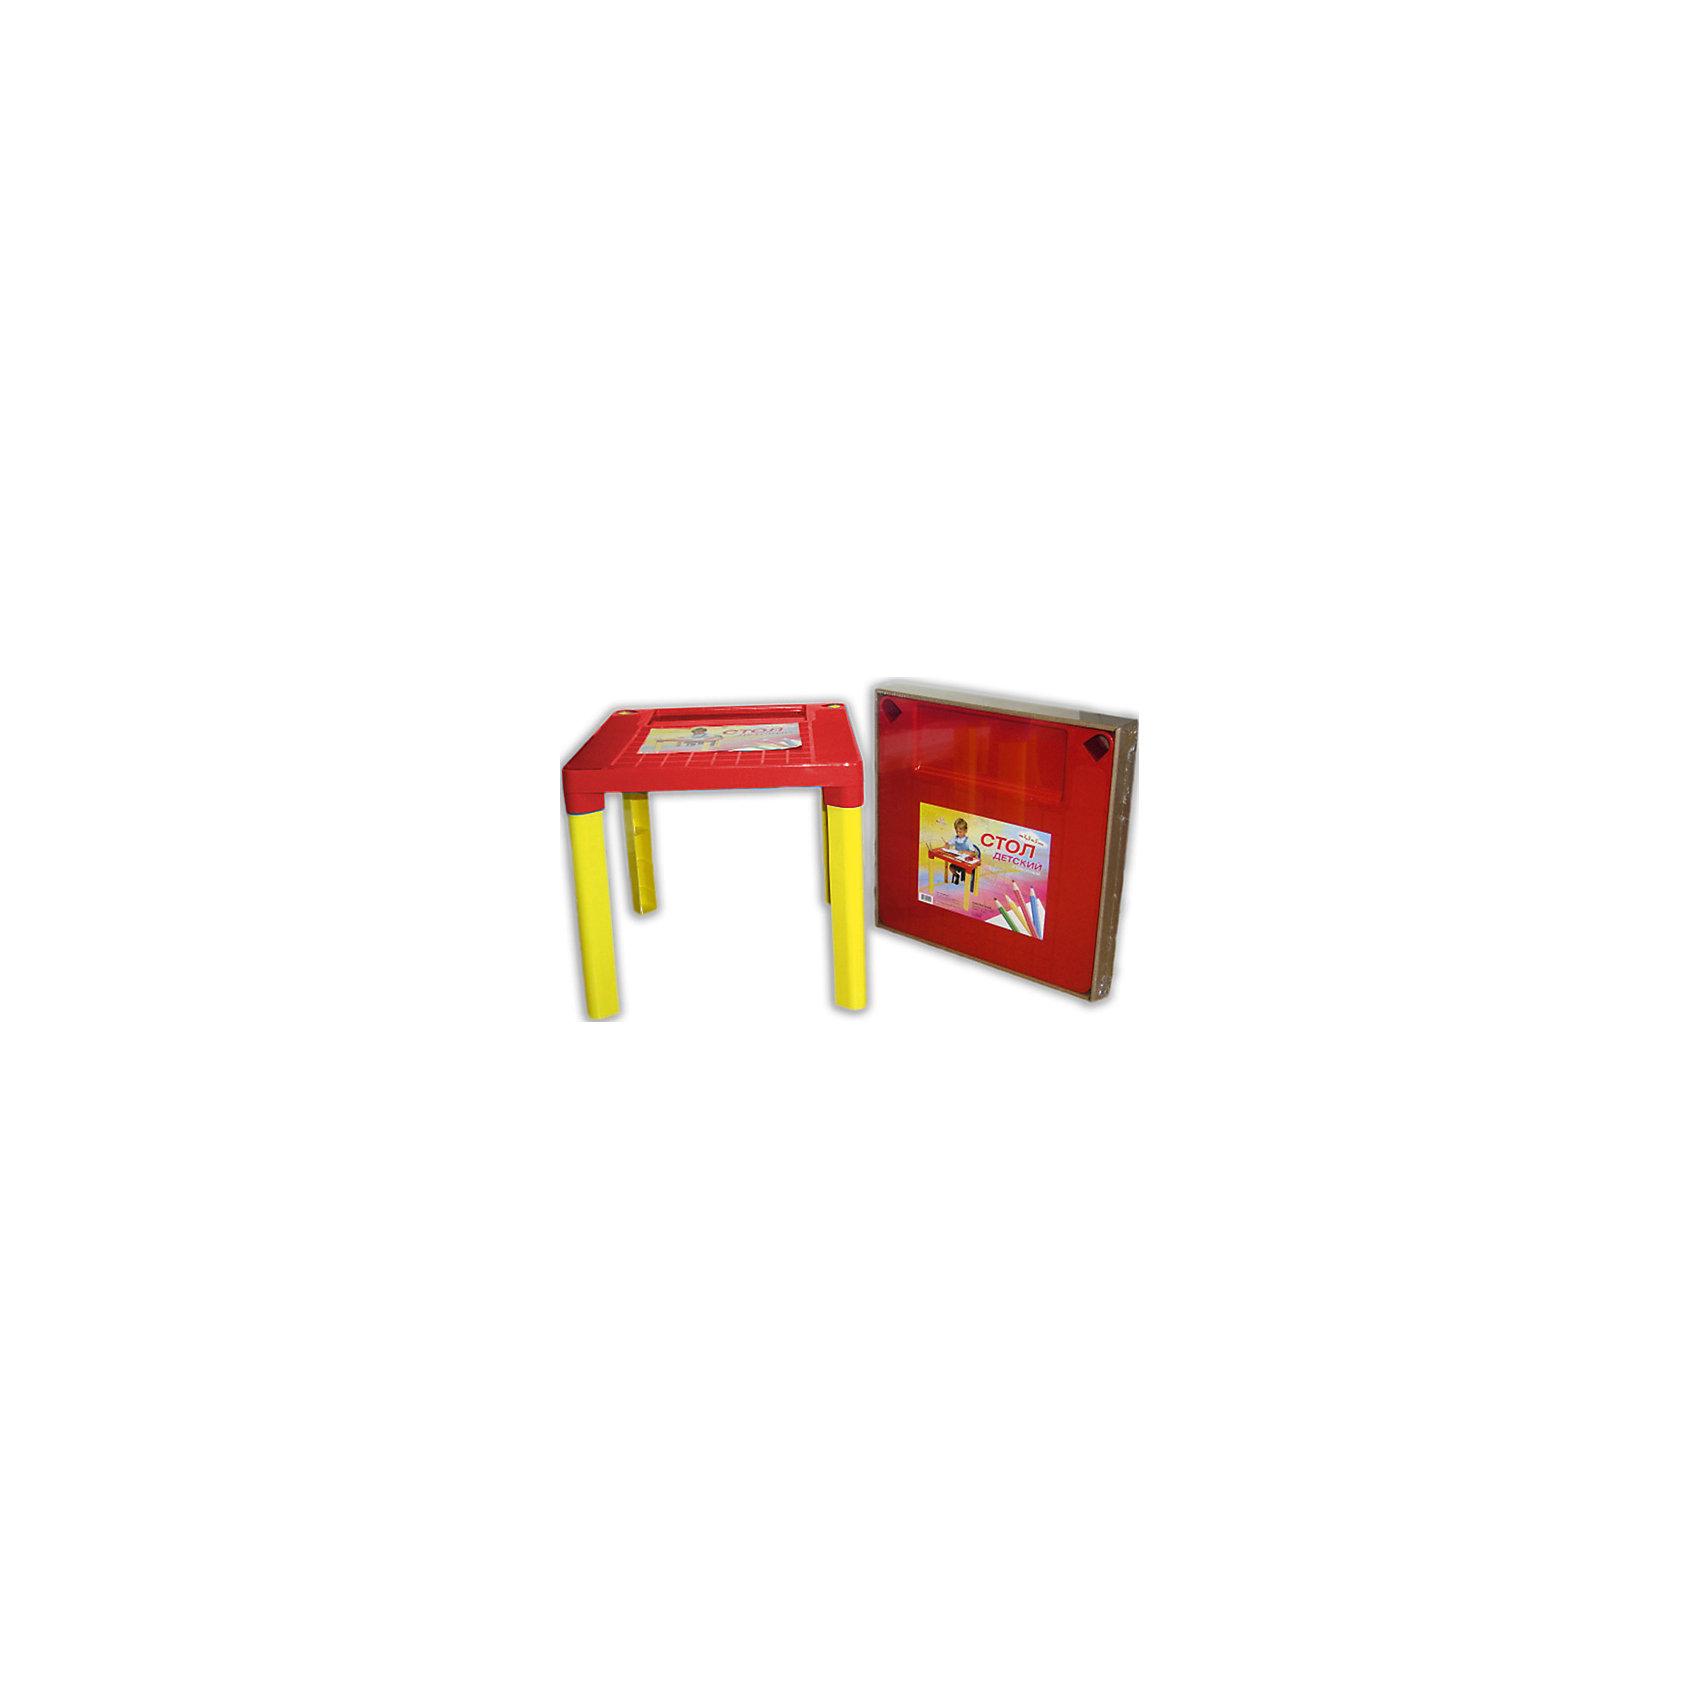 Красно-желтый стол МалышСтол - незаменимая вещь в детской! Малышам понравится иметь свое собственное место для игр, чаепитий с игрушками и друзьями, занятий и даже обеда. Благодаря специальным выемкам, на столе можно расположить карандаши, фломастеры, кисточки и другие мелкие предметы - они не будут мешаться и скатываться. Столик выполнен из высококачественного прочного пластика, легко моется или протирается влажной губкой. Яркий пластиковый стол с изображениями любимых героев прекрасно впишется в интерьер комнаты и обязательно понравится любому ребенку! <br><br>Дополнительная информация:<br><br>- Материал: пластик.<br>- Высота стола: 47 см.<br>- Размер столешницы: 51х51 см.<br>- Удобные выемки для мелких предметов. <br><br>Детский стол Малыш, красно-желтый, можно купить в нашем магазине.<br><br>Ширина мм: 510<br>Глубина мм: 510<br>Высота мм: 475<br>Вес г: 1000<br>Возраст от месяцев: 36<br>Возраст до месяцев: 108<br>Пол: Унисекс<br>Возраст: Детский<br>SKU: 4718423